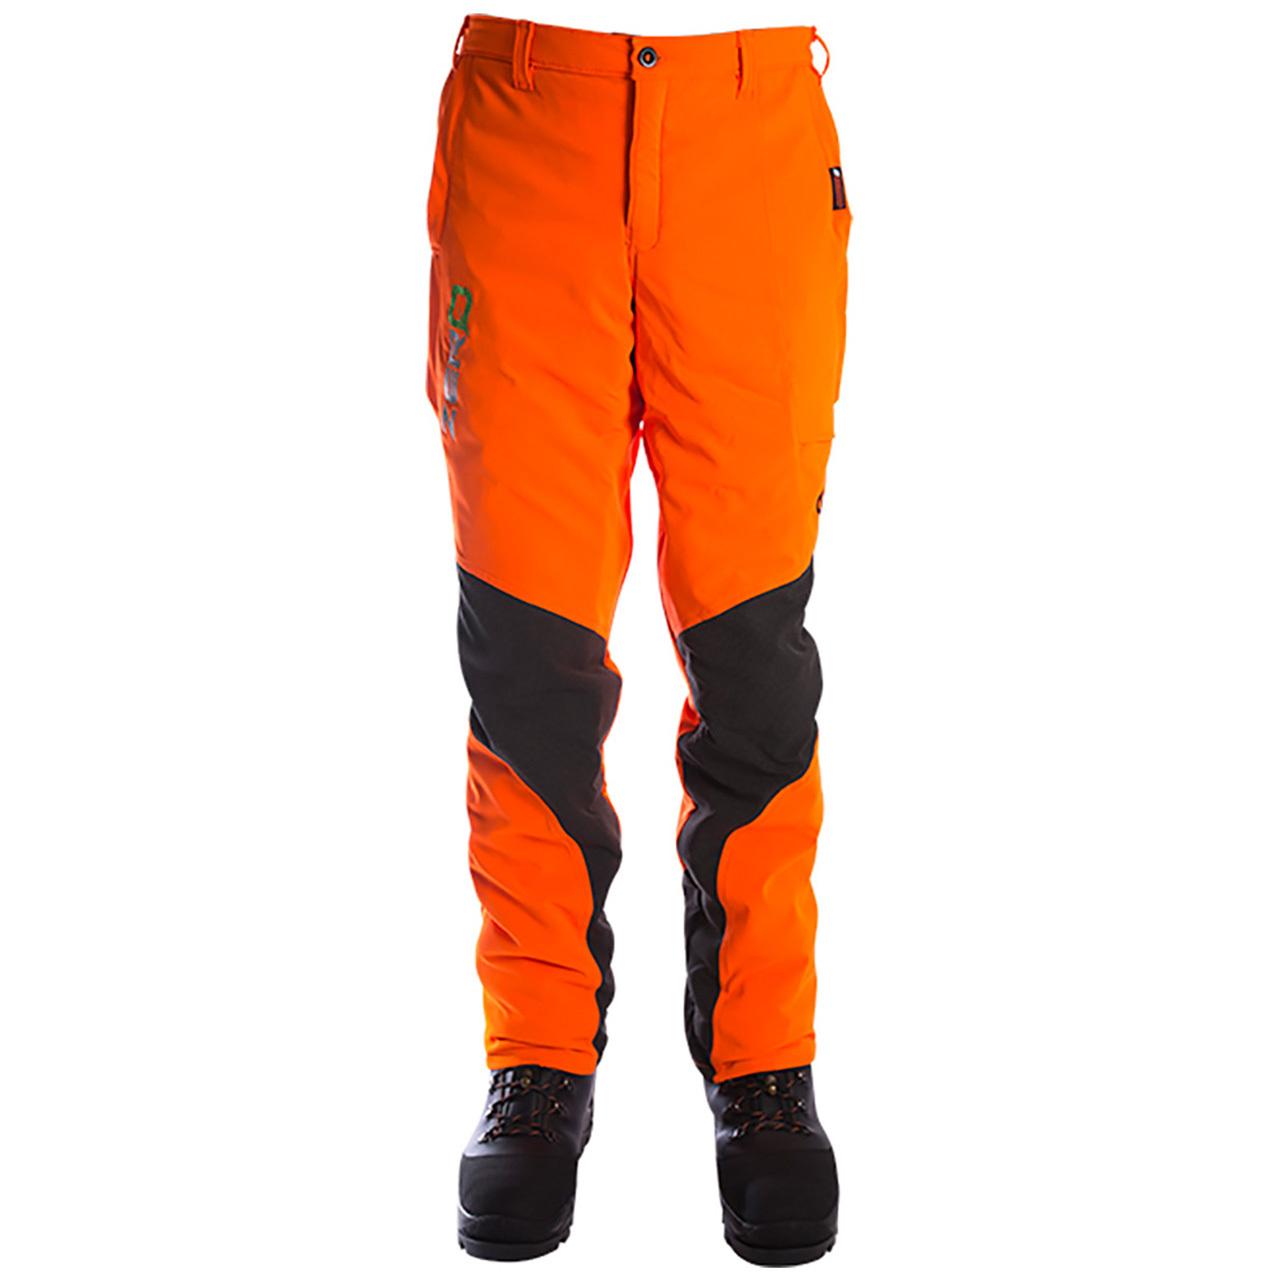 Clogger Zero Gen2 Light & Cool Men's Chainsaw Pants - Hi Vis Orange